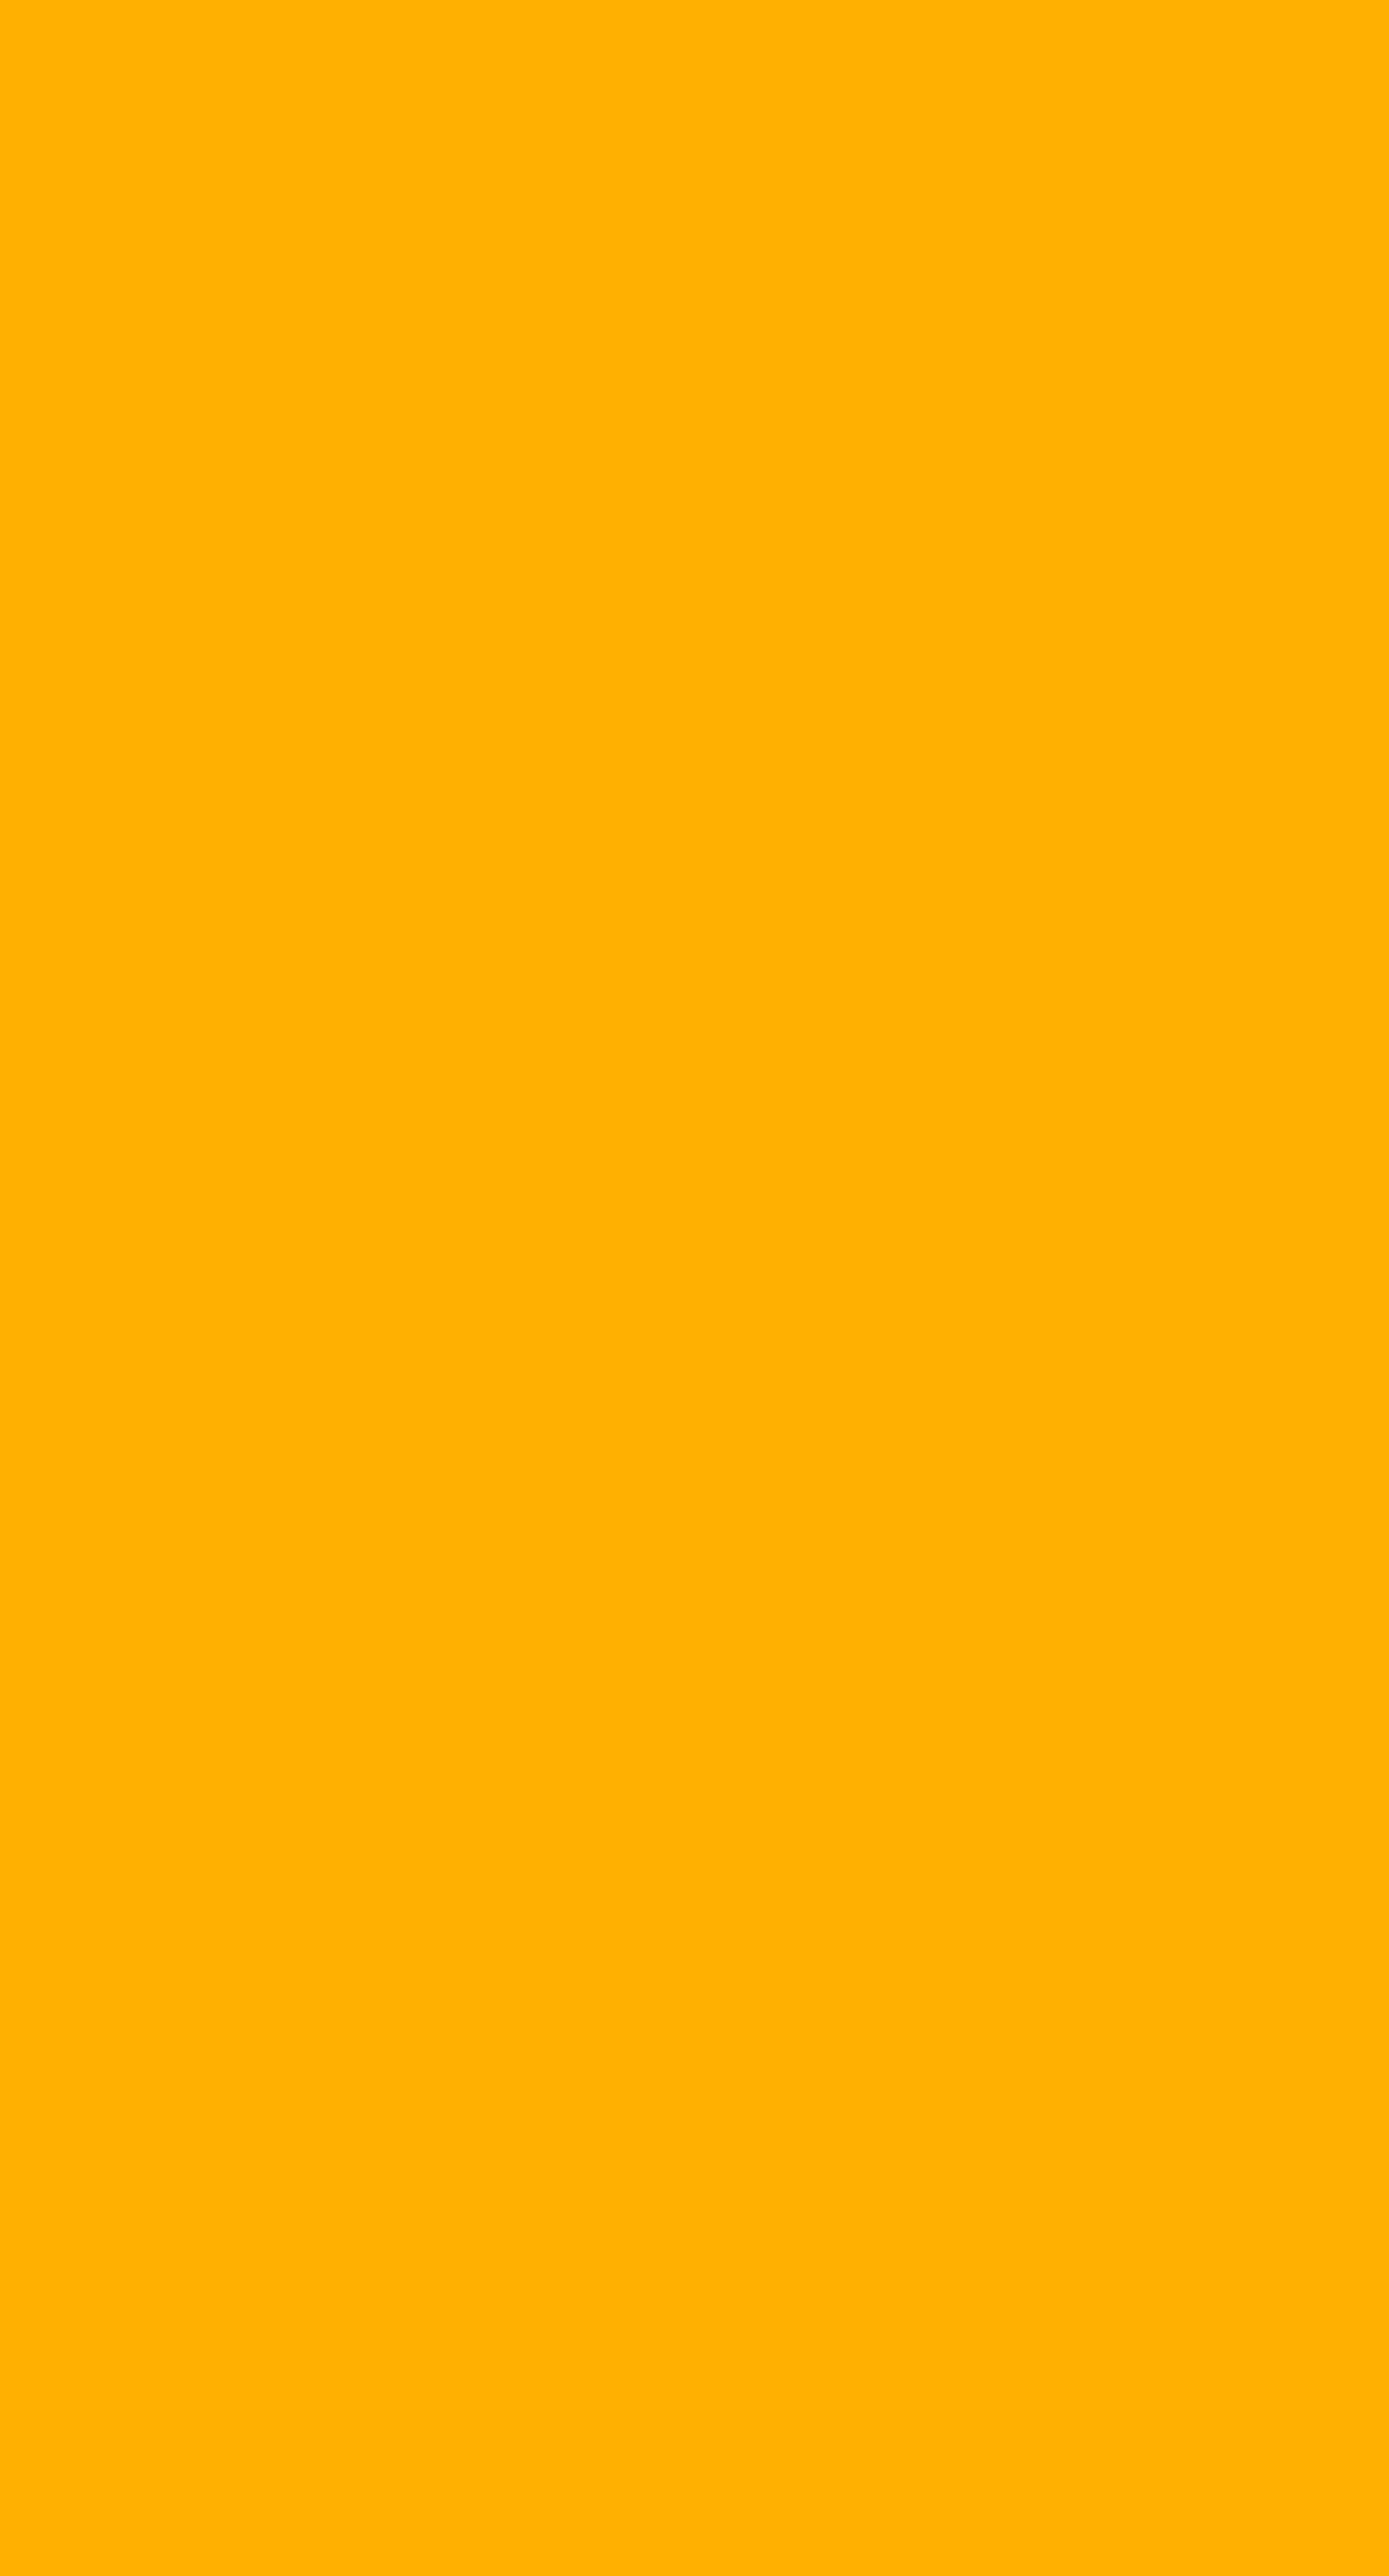 黄の iPhone6s Plus / iPhone6 Plus 壁紙